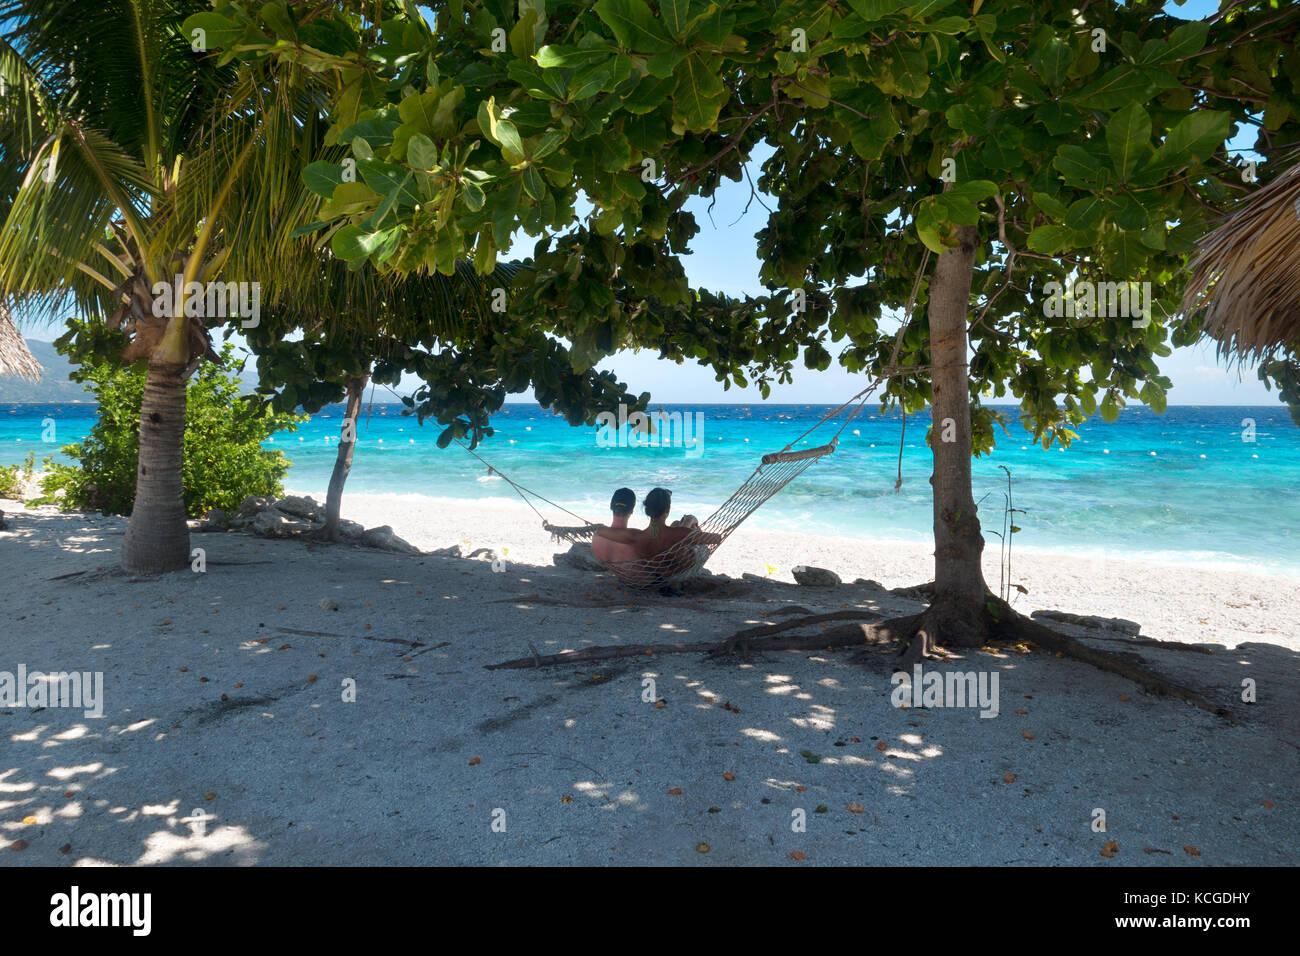 Philippinen Strand, Insel Cebu - Paar entspannen in einer Hängematte auf Flitterwochen Urlaub, Cebu, Philippinen, Stockbild